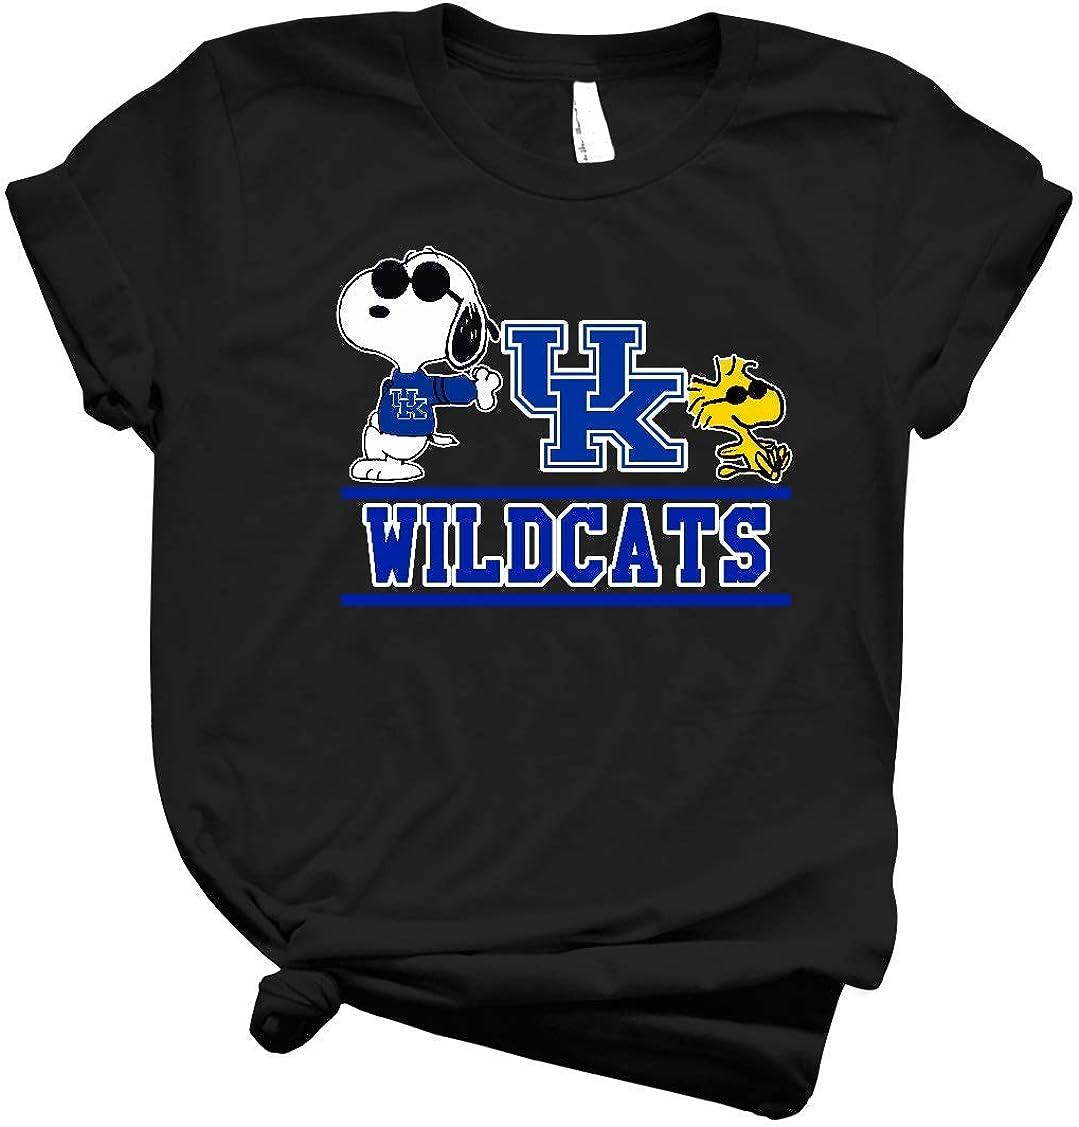 NCAA Kentucky Wildcats T-Shirt V3